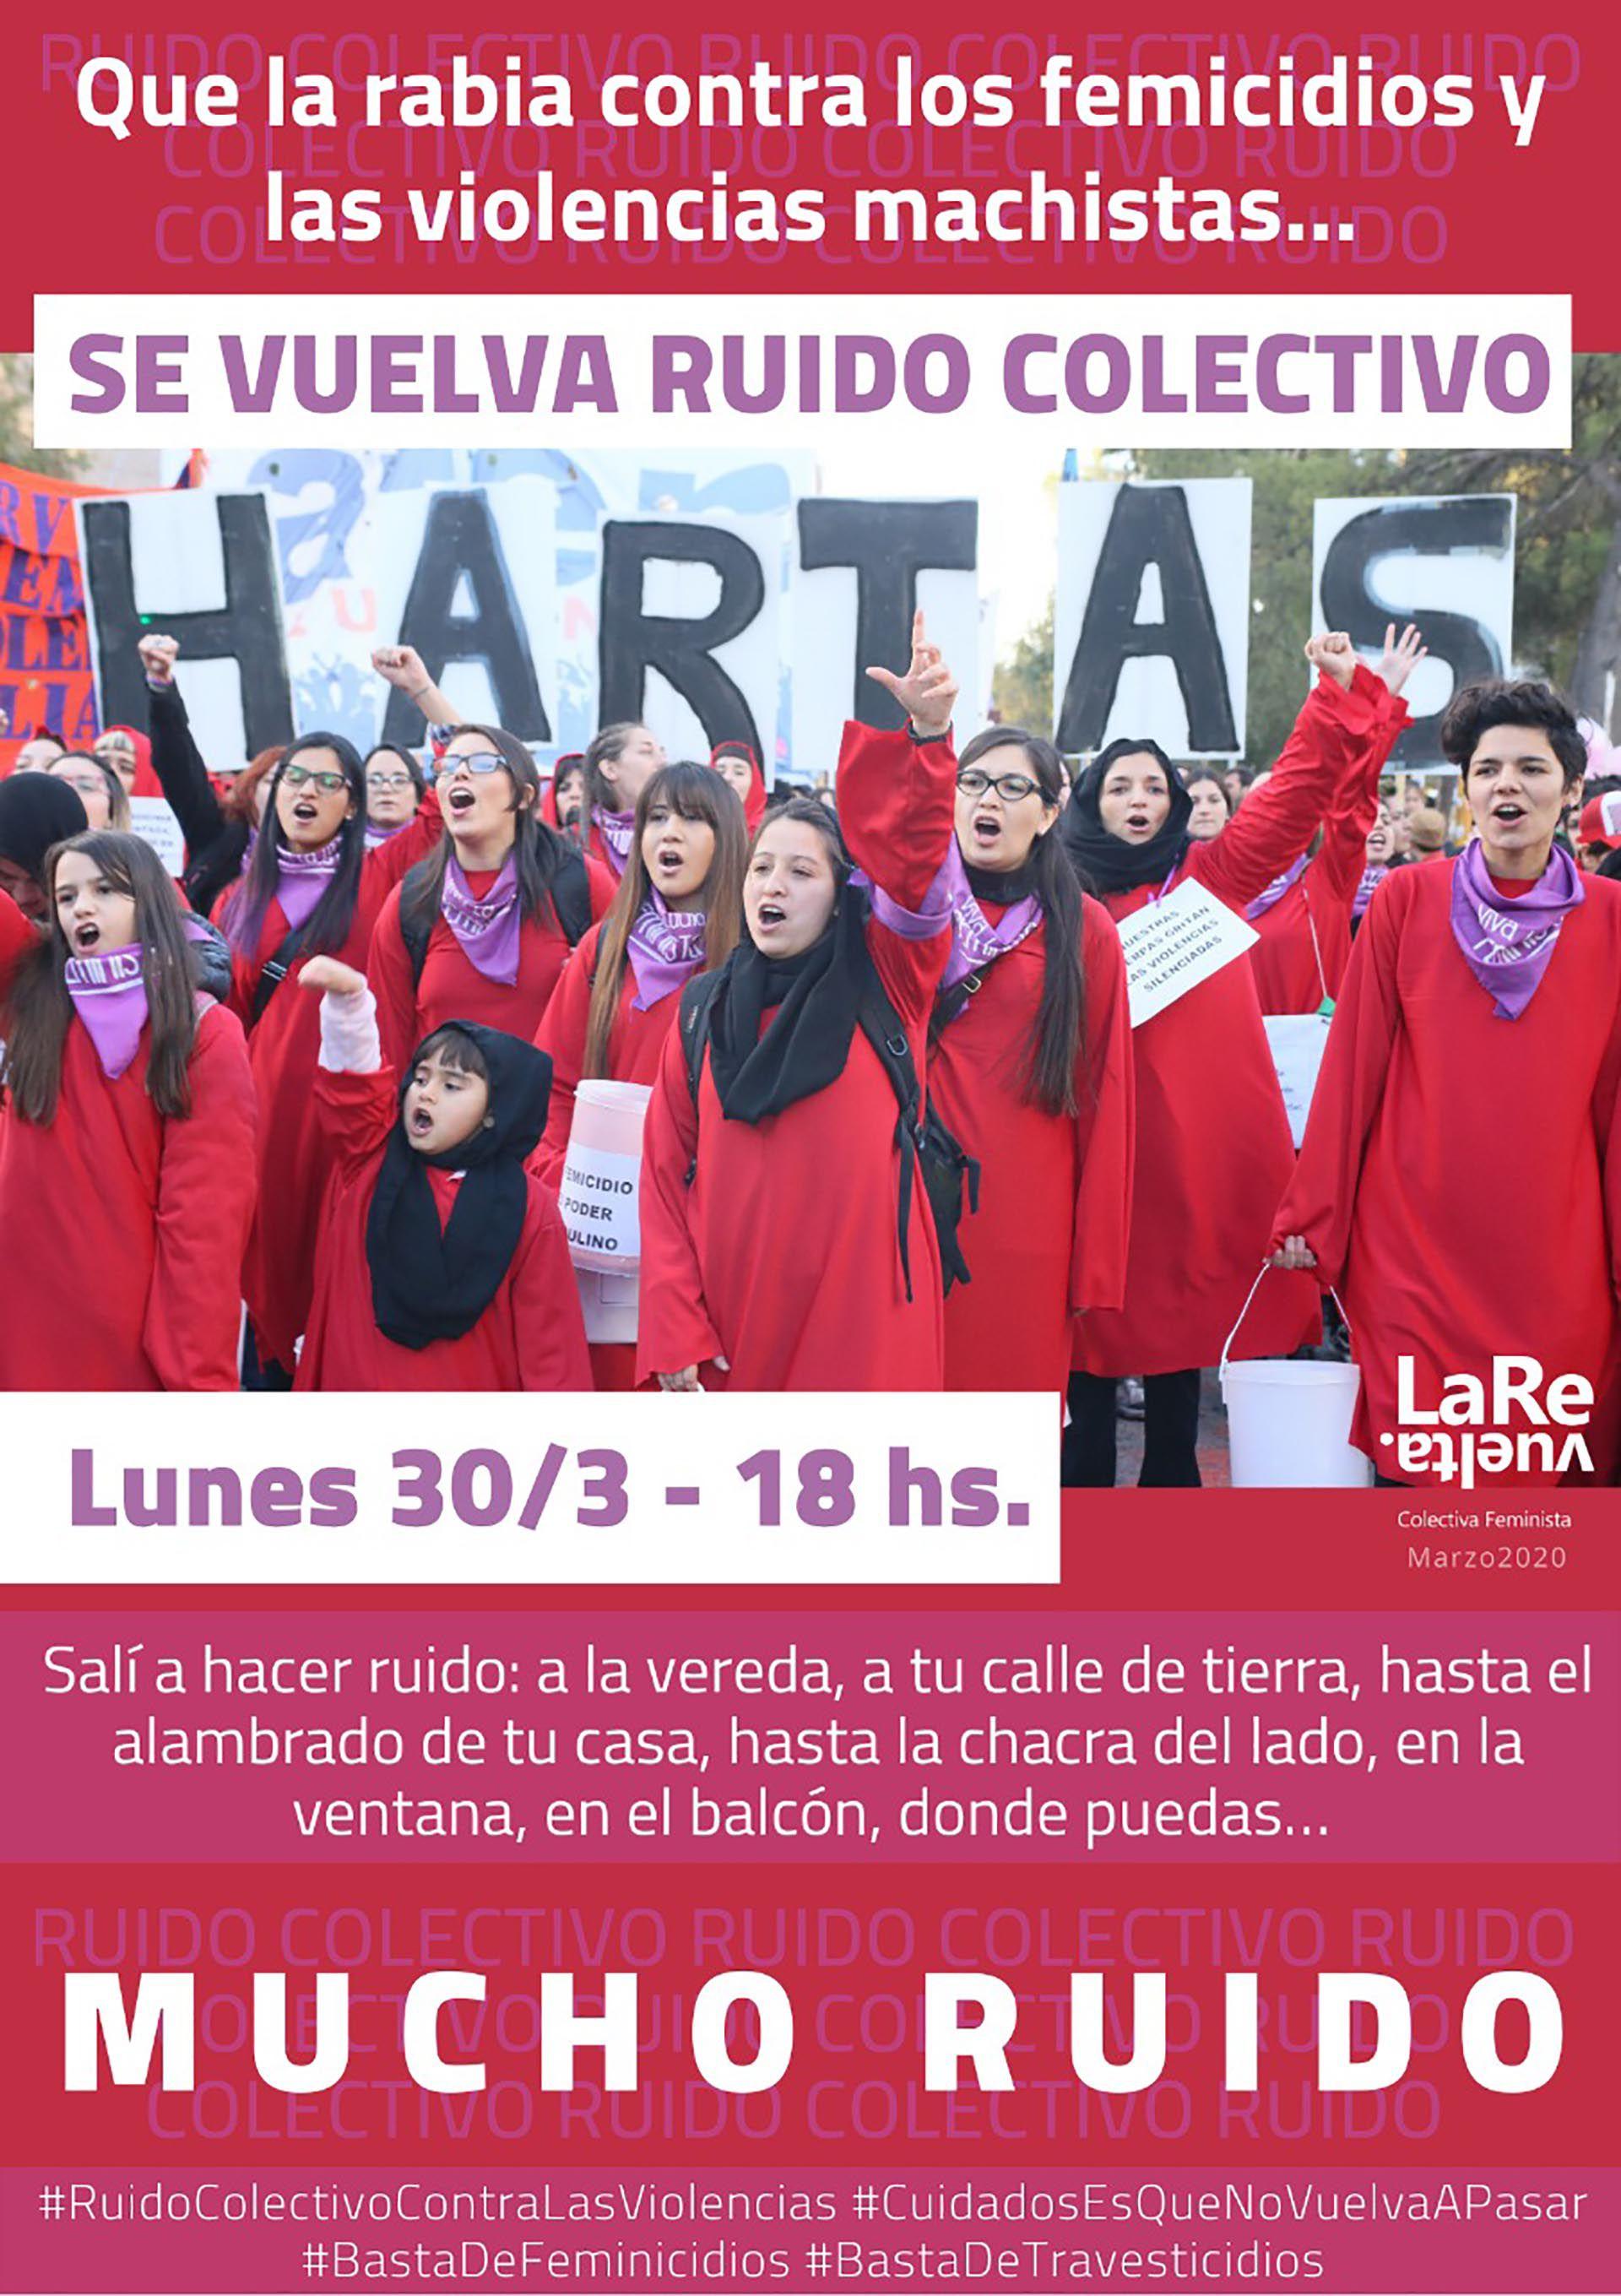 La revuelta, Ni una Menos y otros colectivos feministas convocan a un ruidazo el lunes a las 18 horas contra la violencia de género y los femicidios.